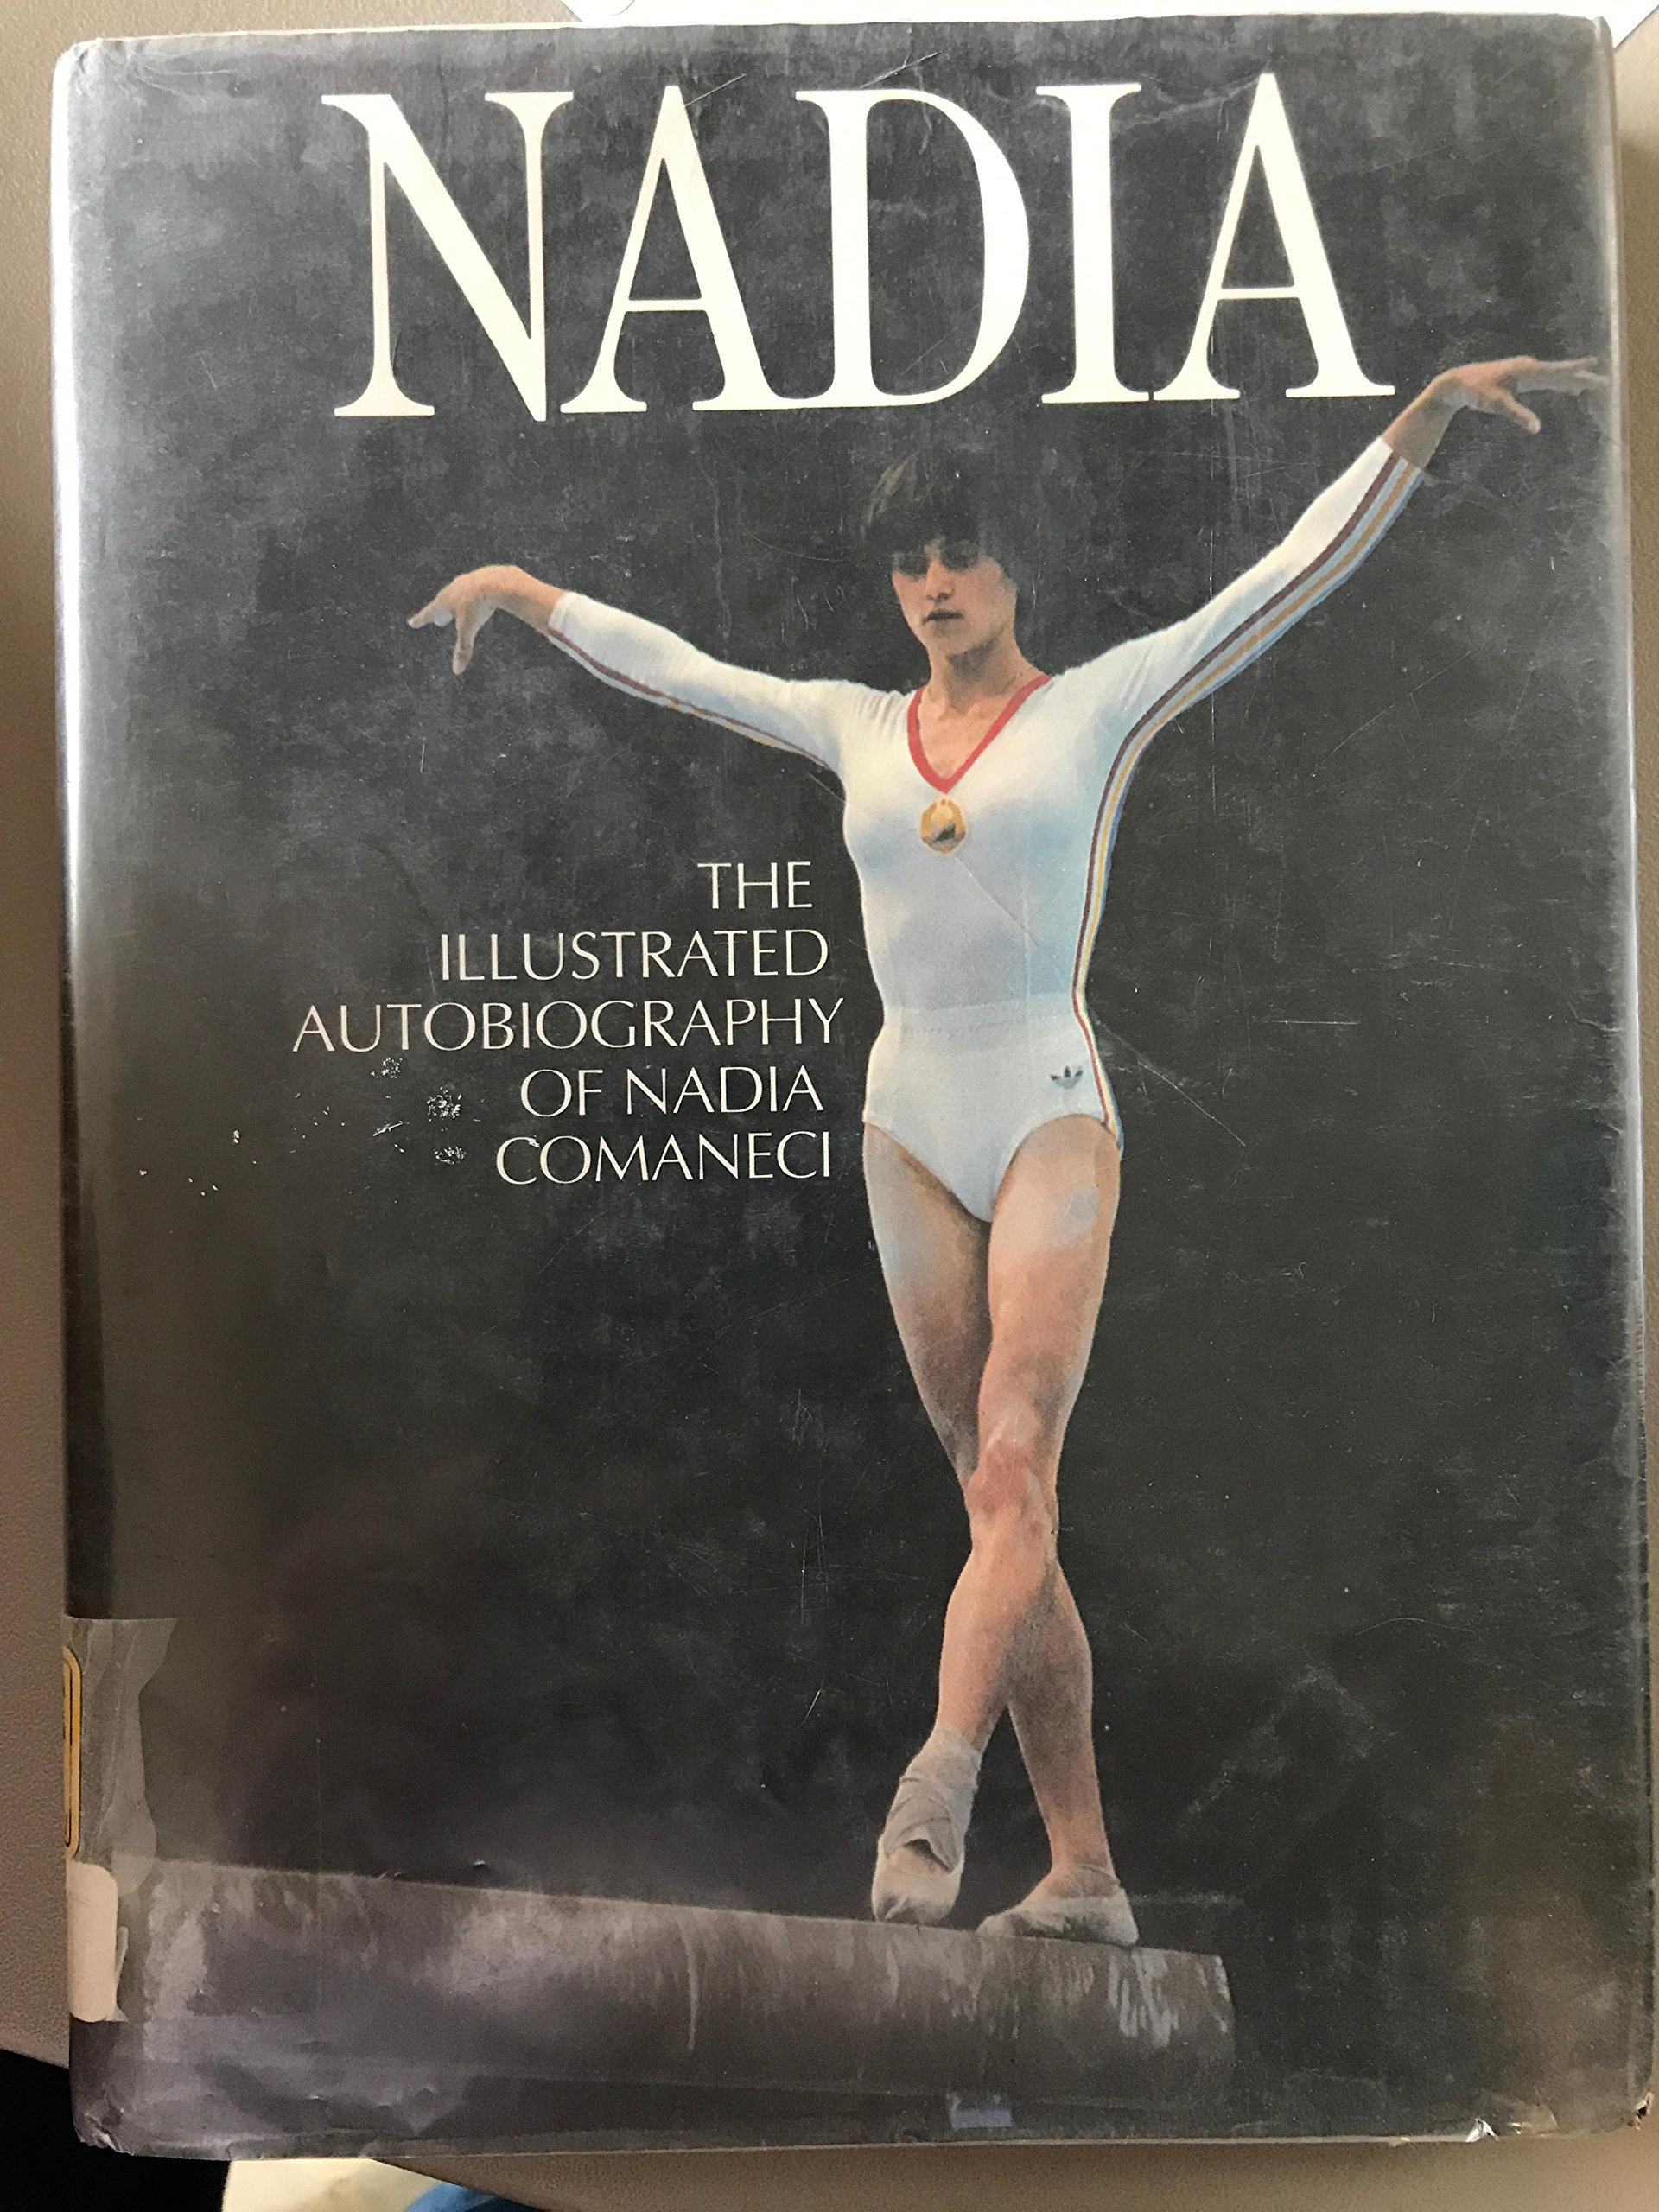 NADIA TÉLÉCHARGER COMANECI GRATUITEMENT FILM